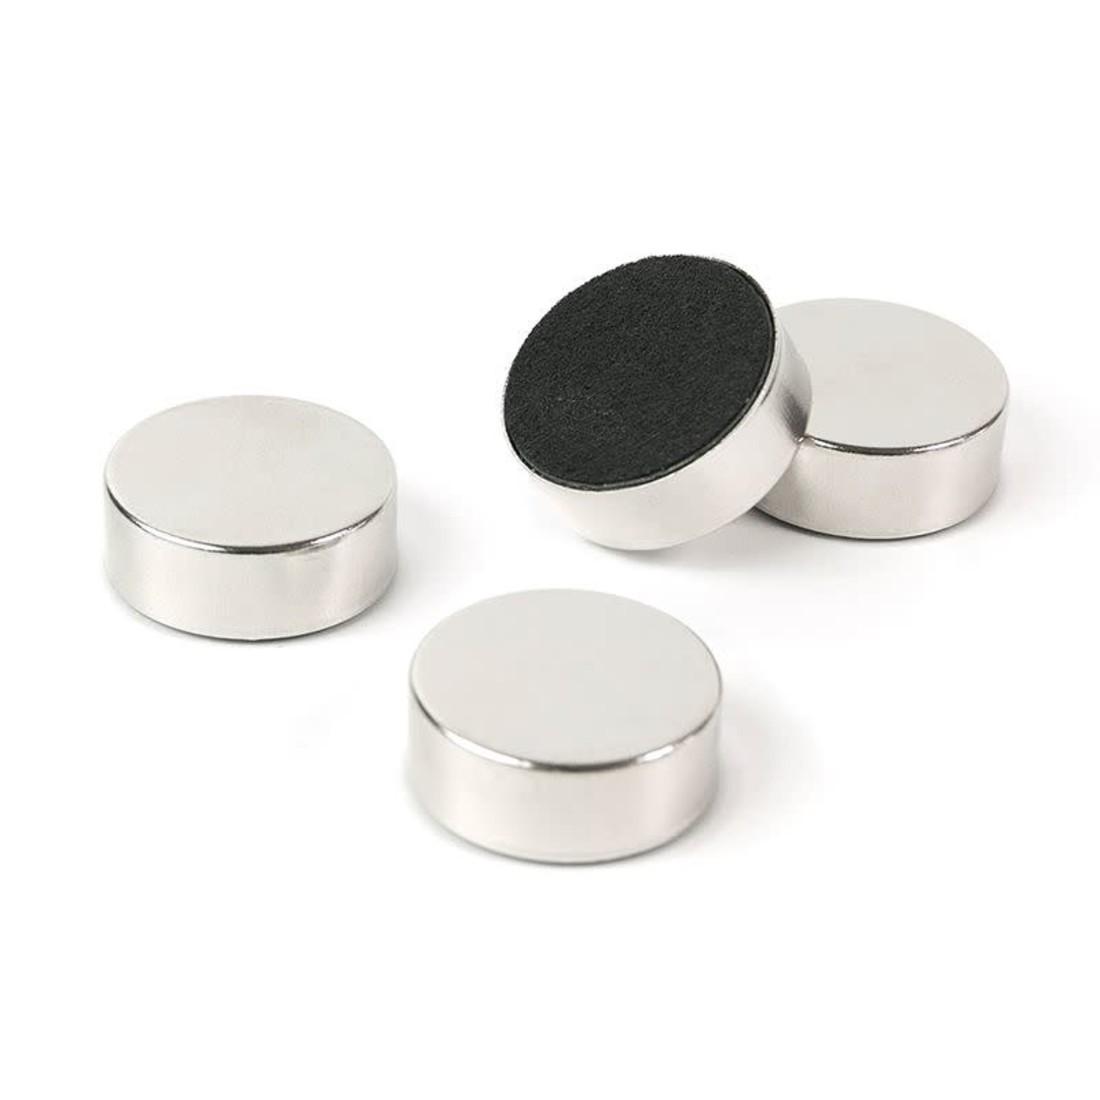 Magnete SILVER 4er Set